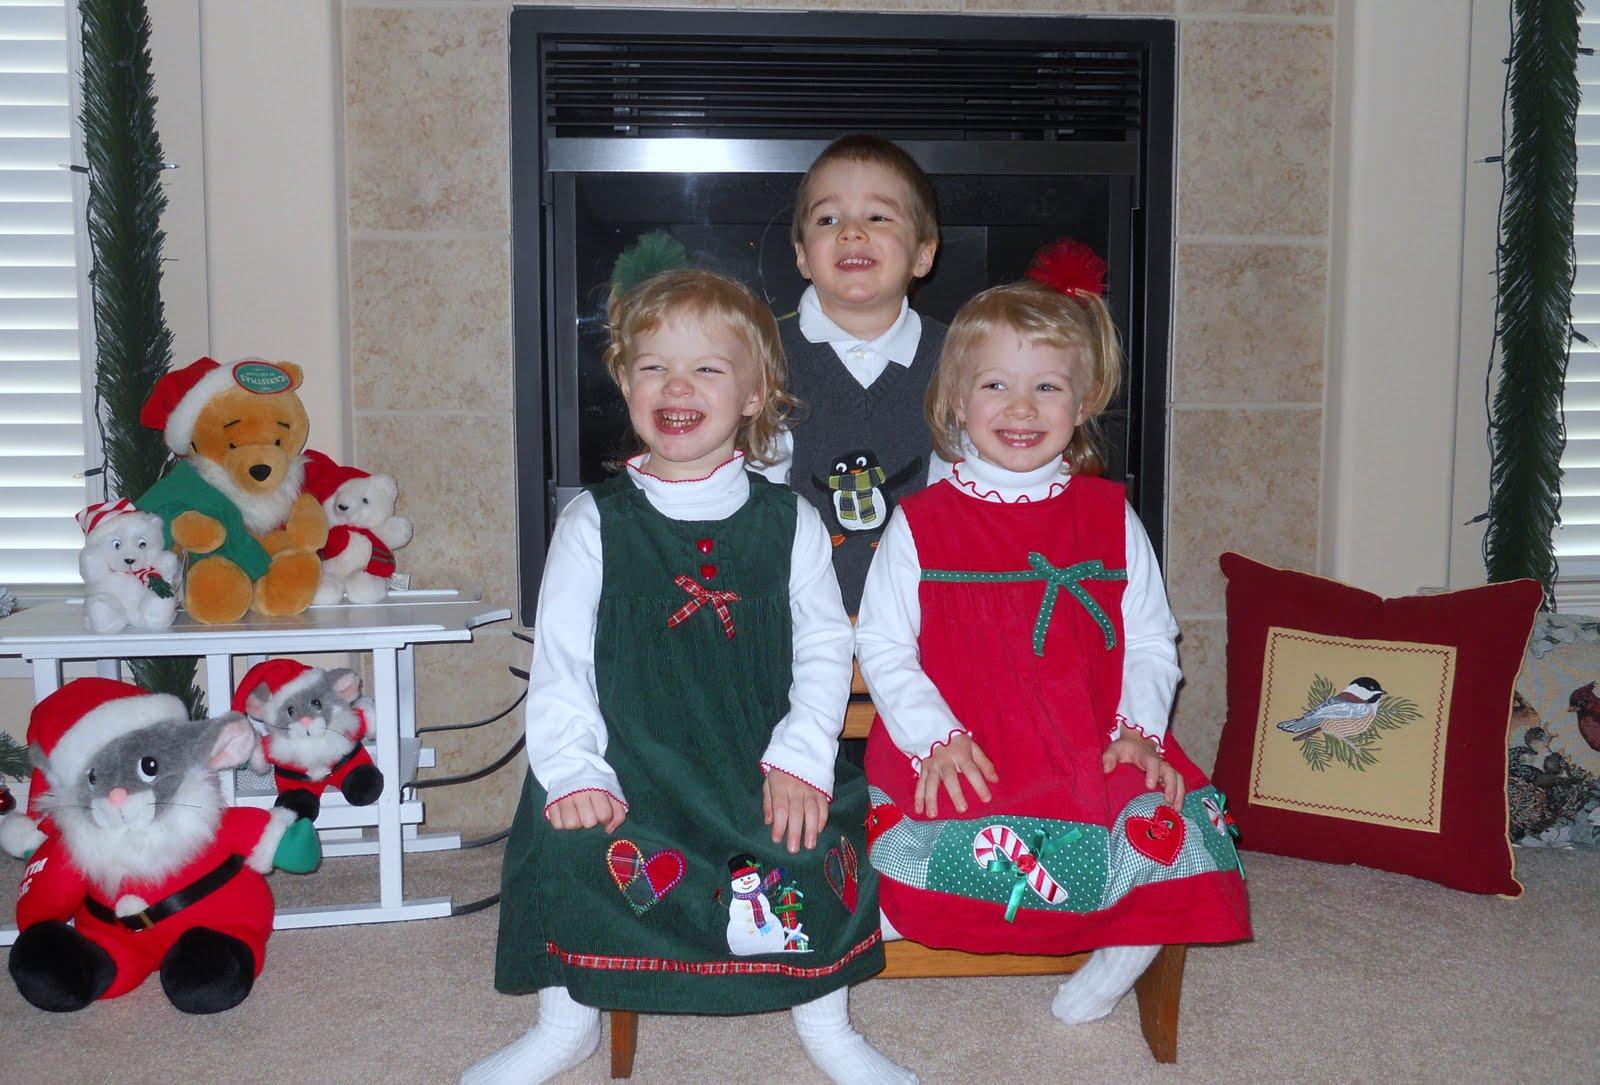 http://4.bp.blogspot.com/-DZF6b-_vfnw/Tu5wSyQ0fgI/AAAAAAAAAT0/eUF4rCnFsU0/s1600/Christmas%2B2011.JPG